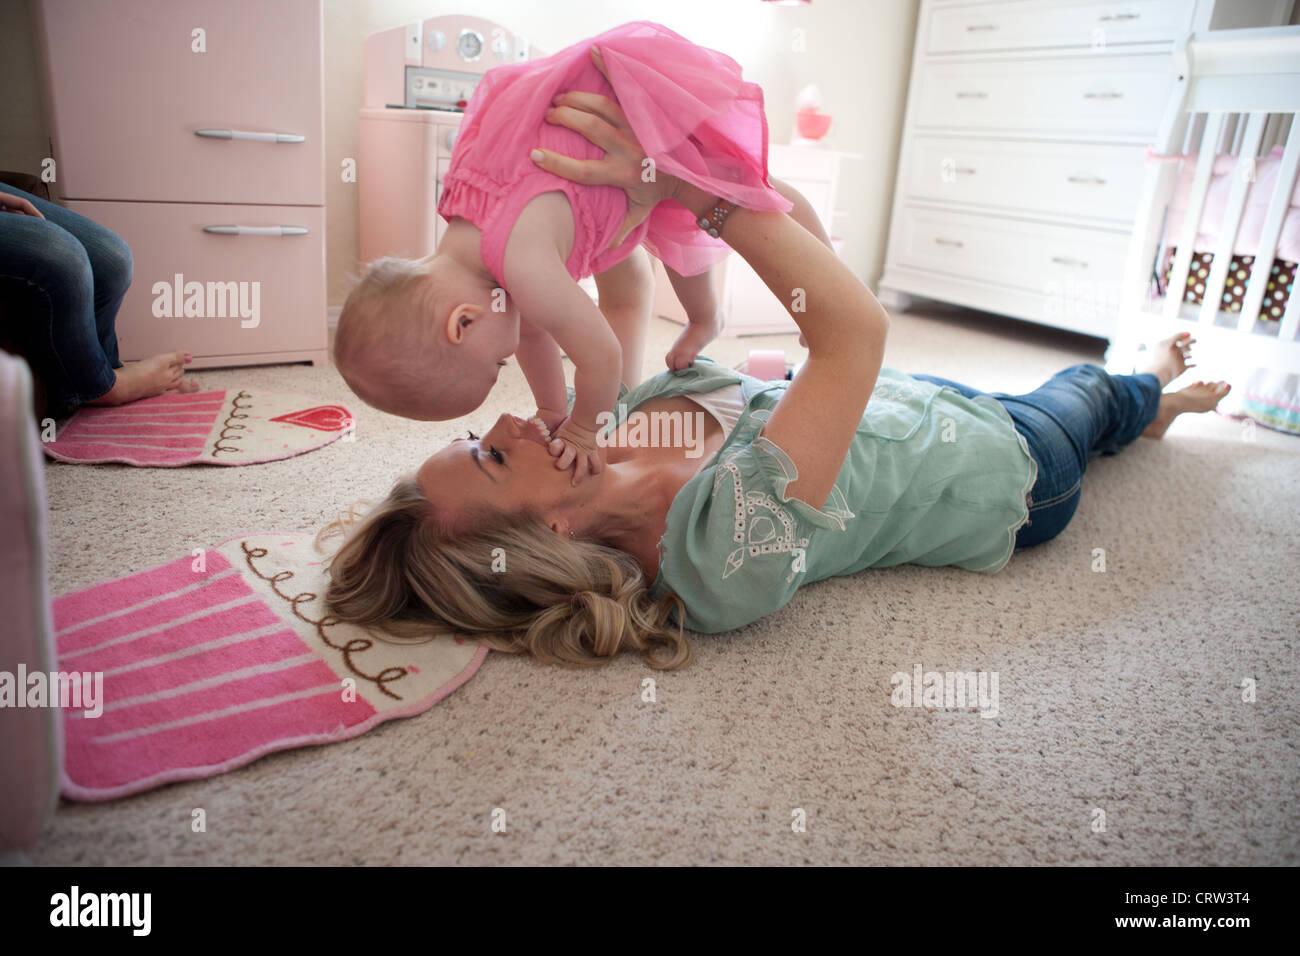 Maman tenant sa fillette de 11 mois et jusqu'à l'affiche dans la chambre. Banque D'Images